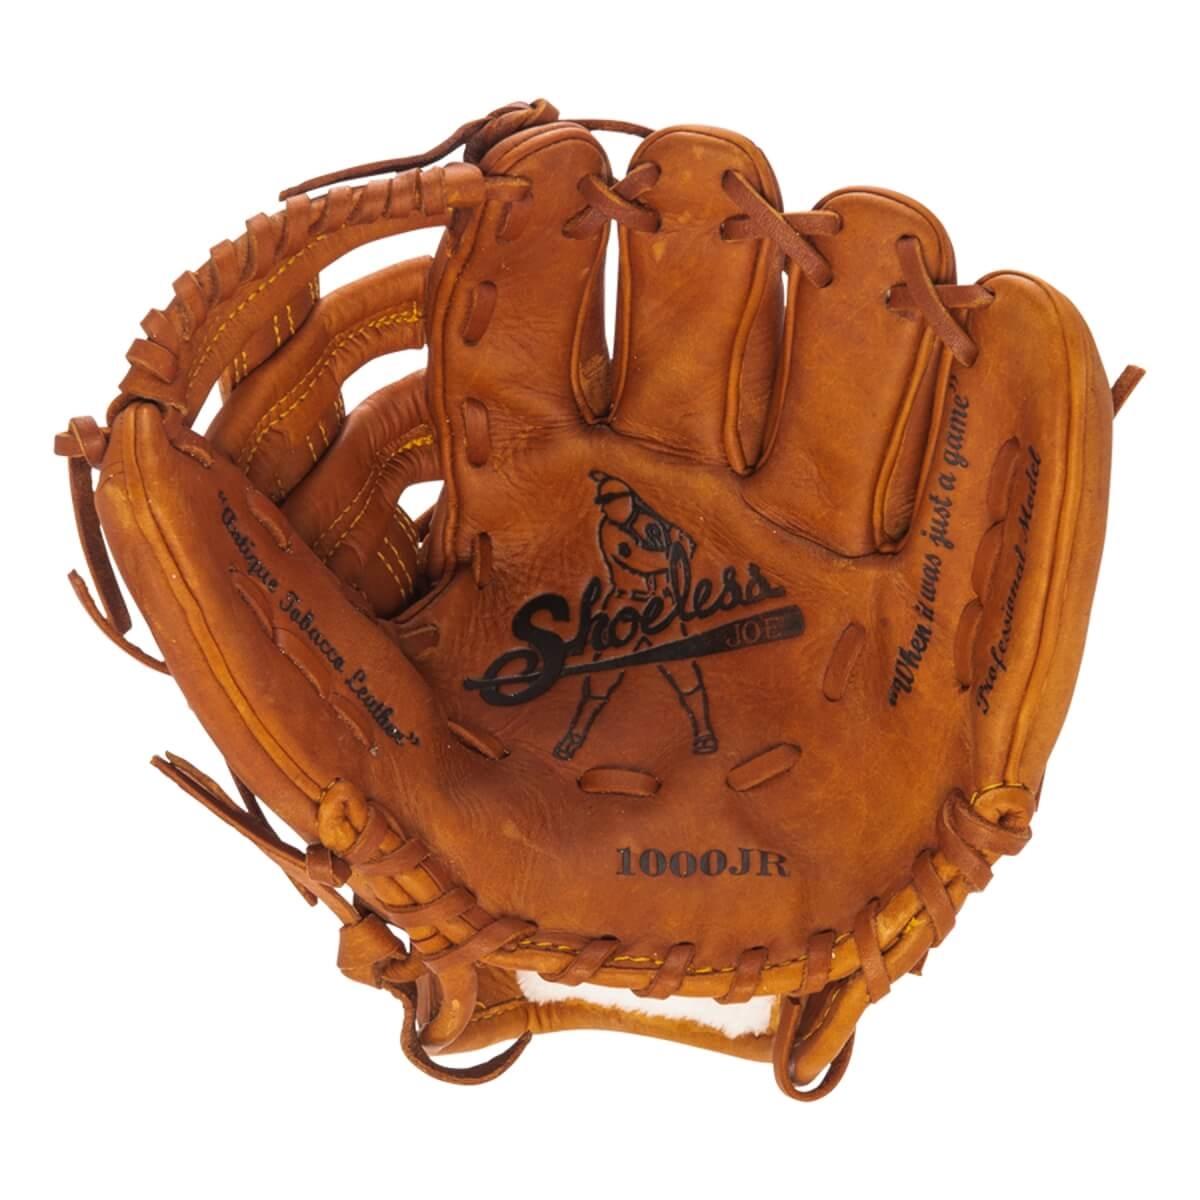 """10"""" Joe Junior Fielder's Baseball Glove - Youth Baseball Glove - photo #48"""